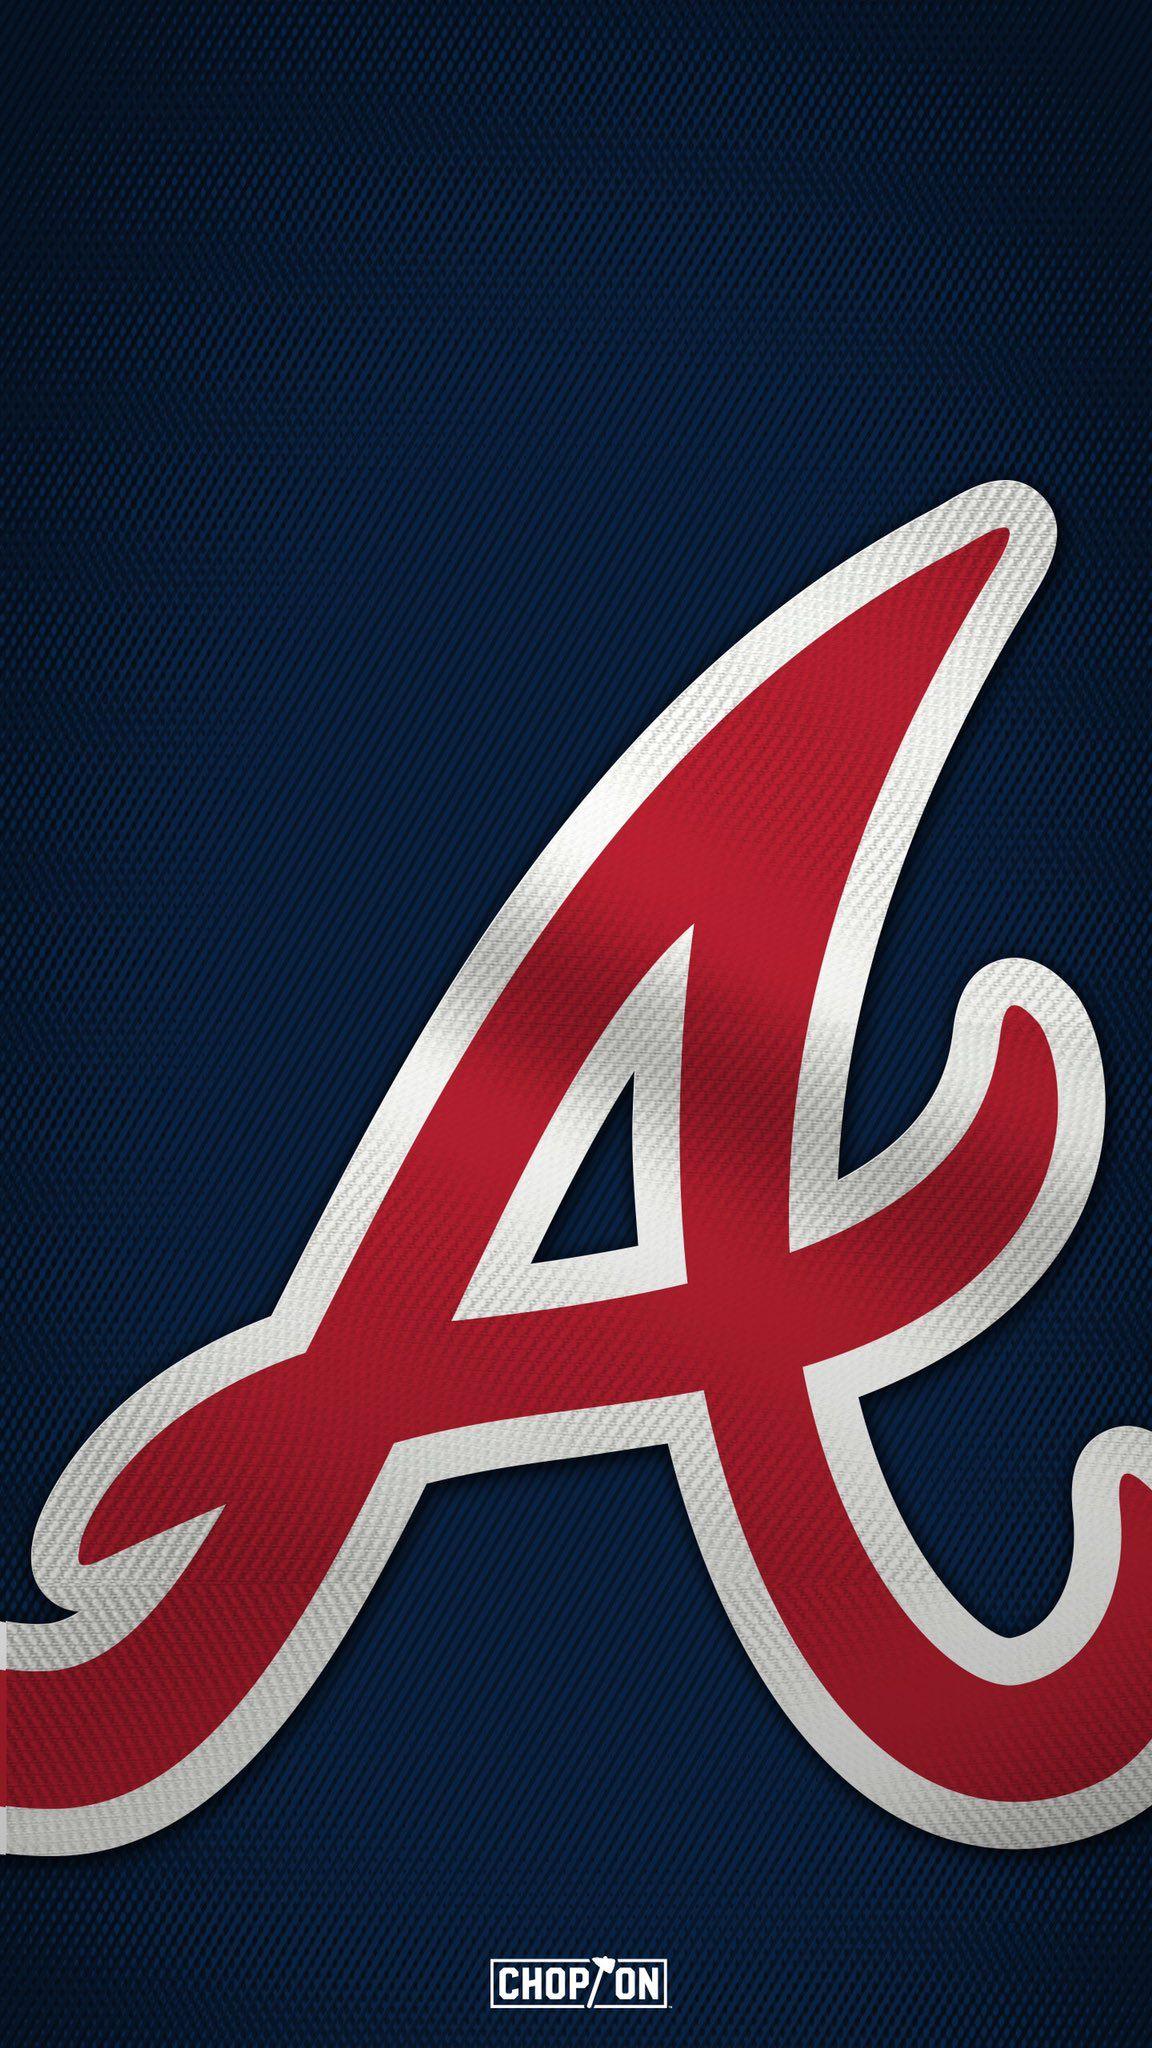 Pin By Nikki Denney On Baseball Atlanta Braves Wallpaper Atlanta Braves Brave Wallpaper